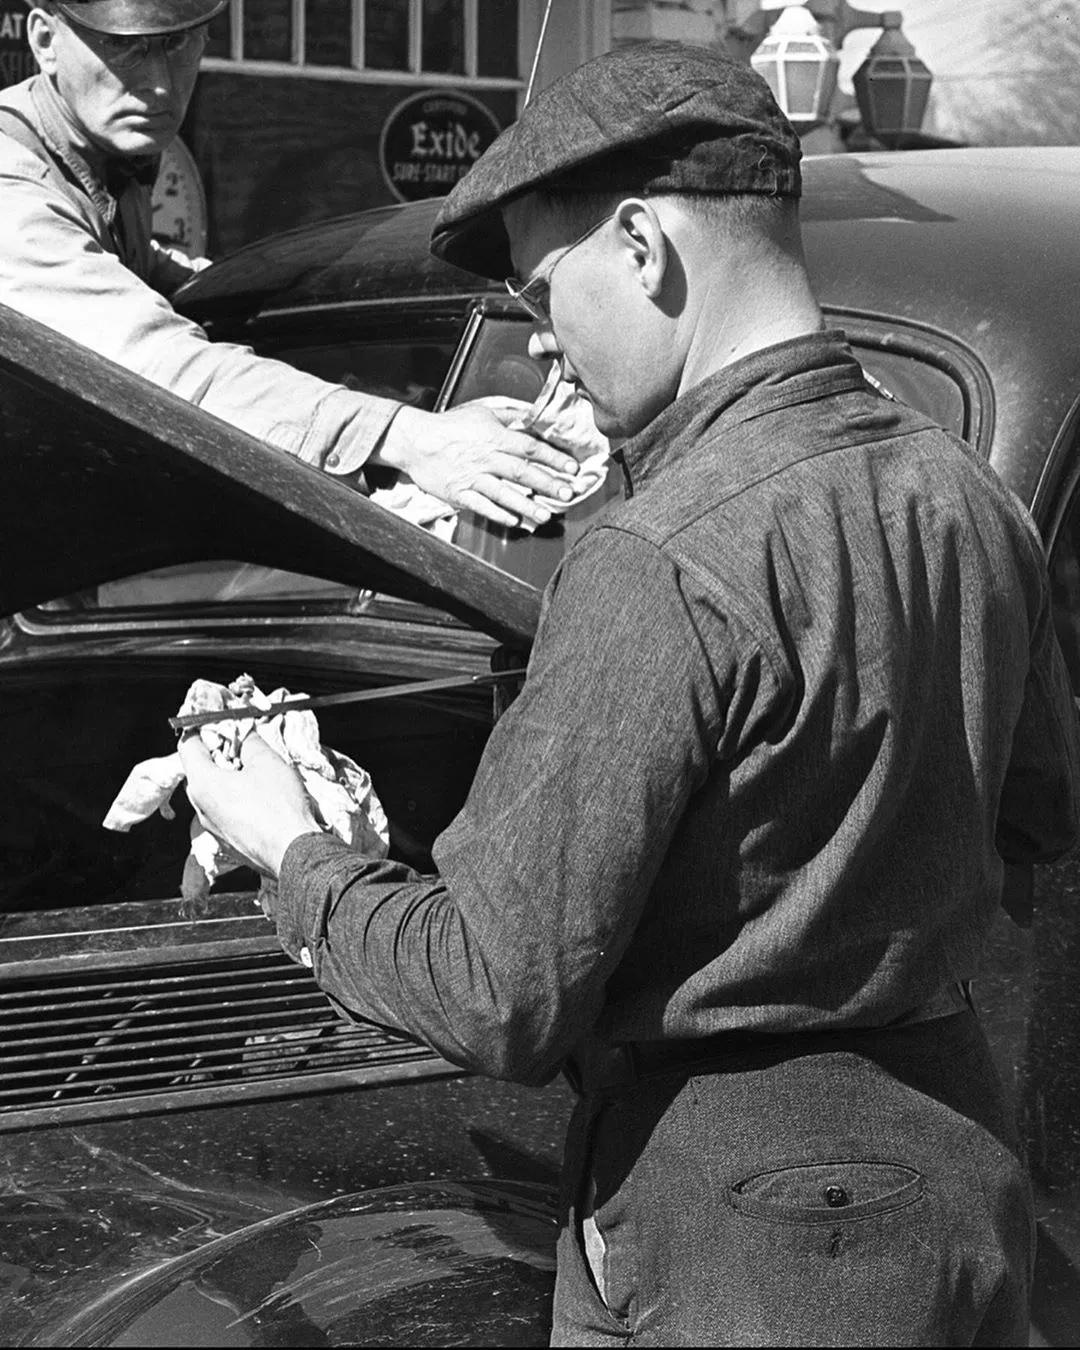 8-dílna bekovka - Hatteras, Cabbie Cap, Newsboy Cap a Bakerboy. Jak si vybrat a nosit bekovku? II. část